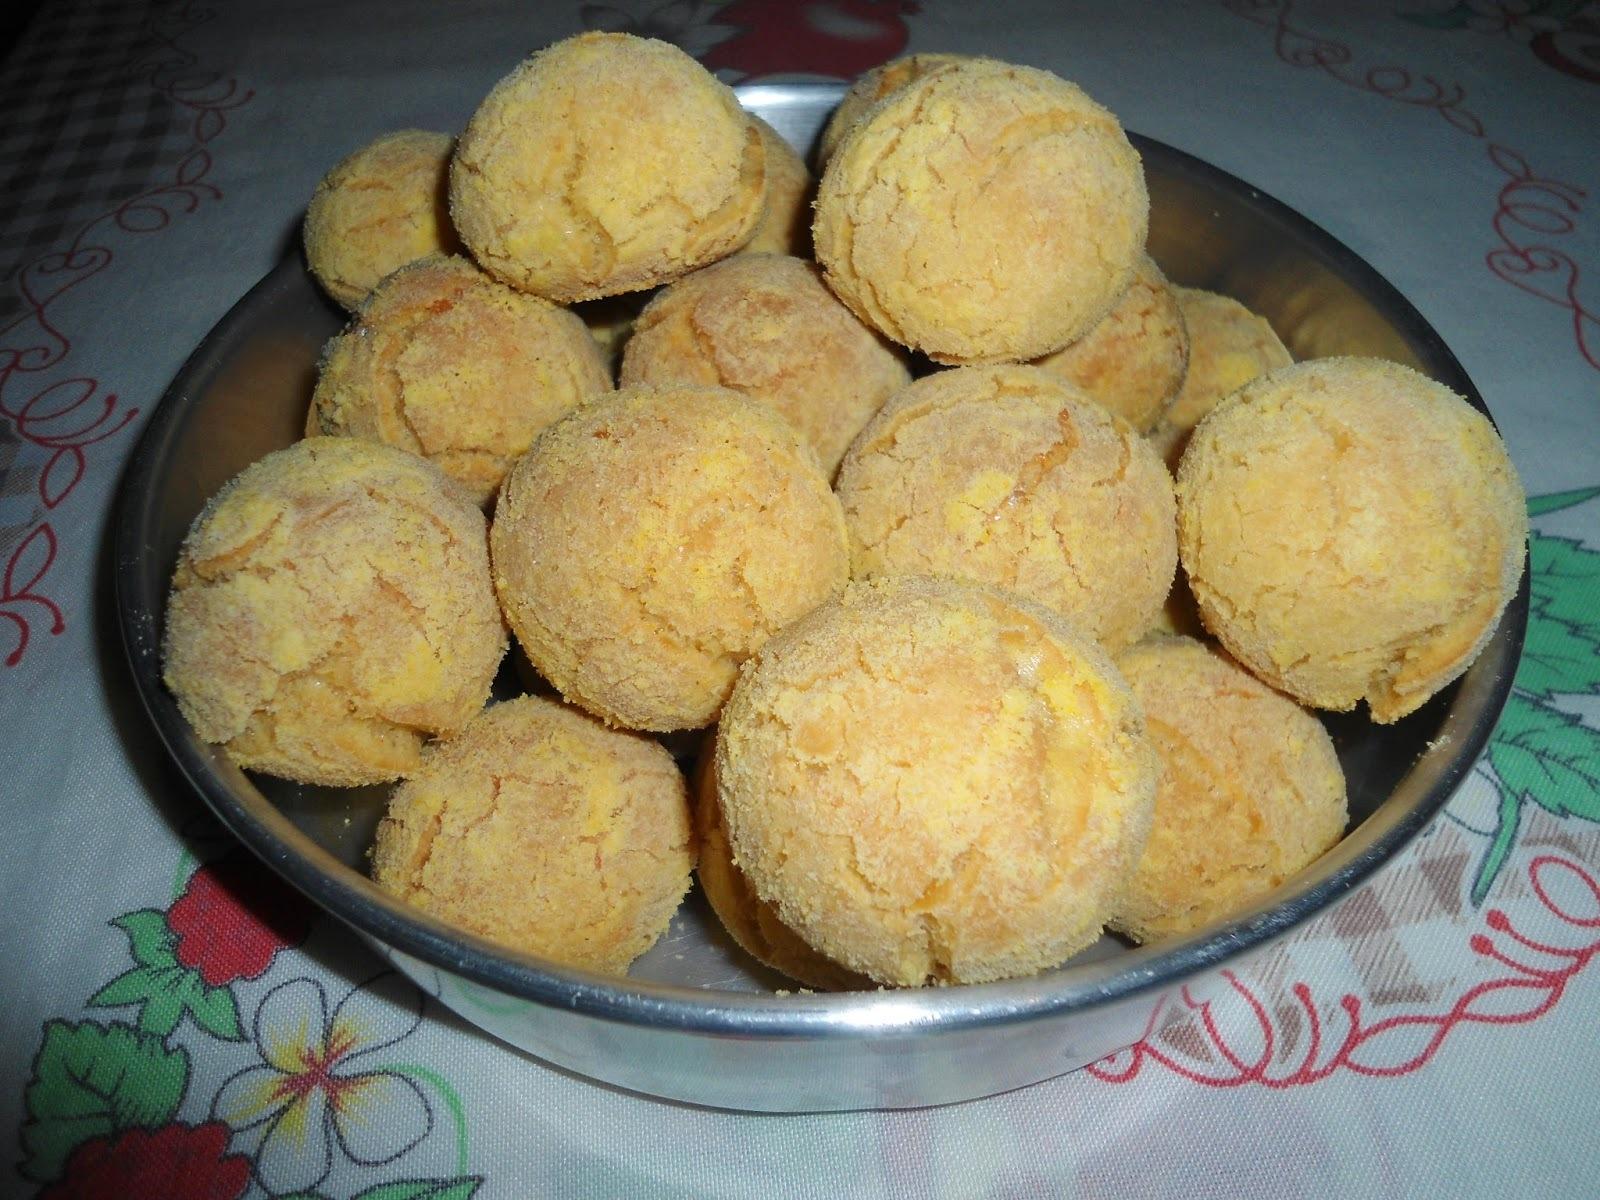 Broinha de fubá com queijo